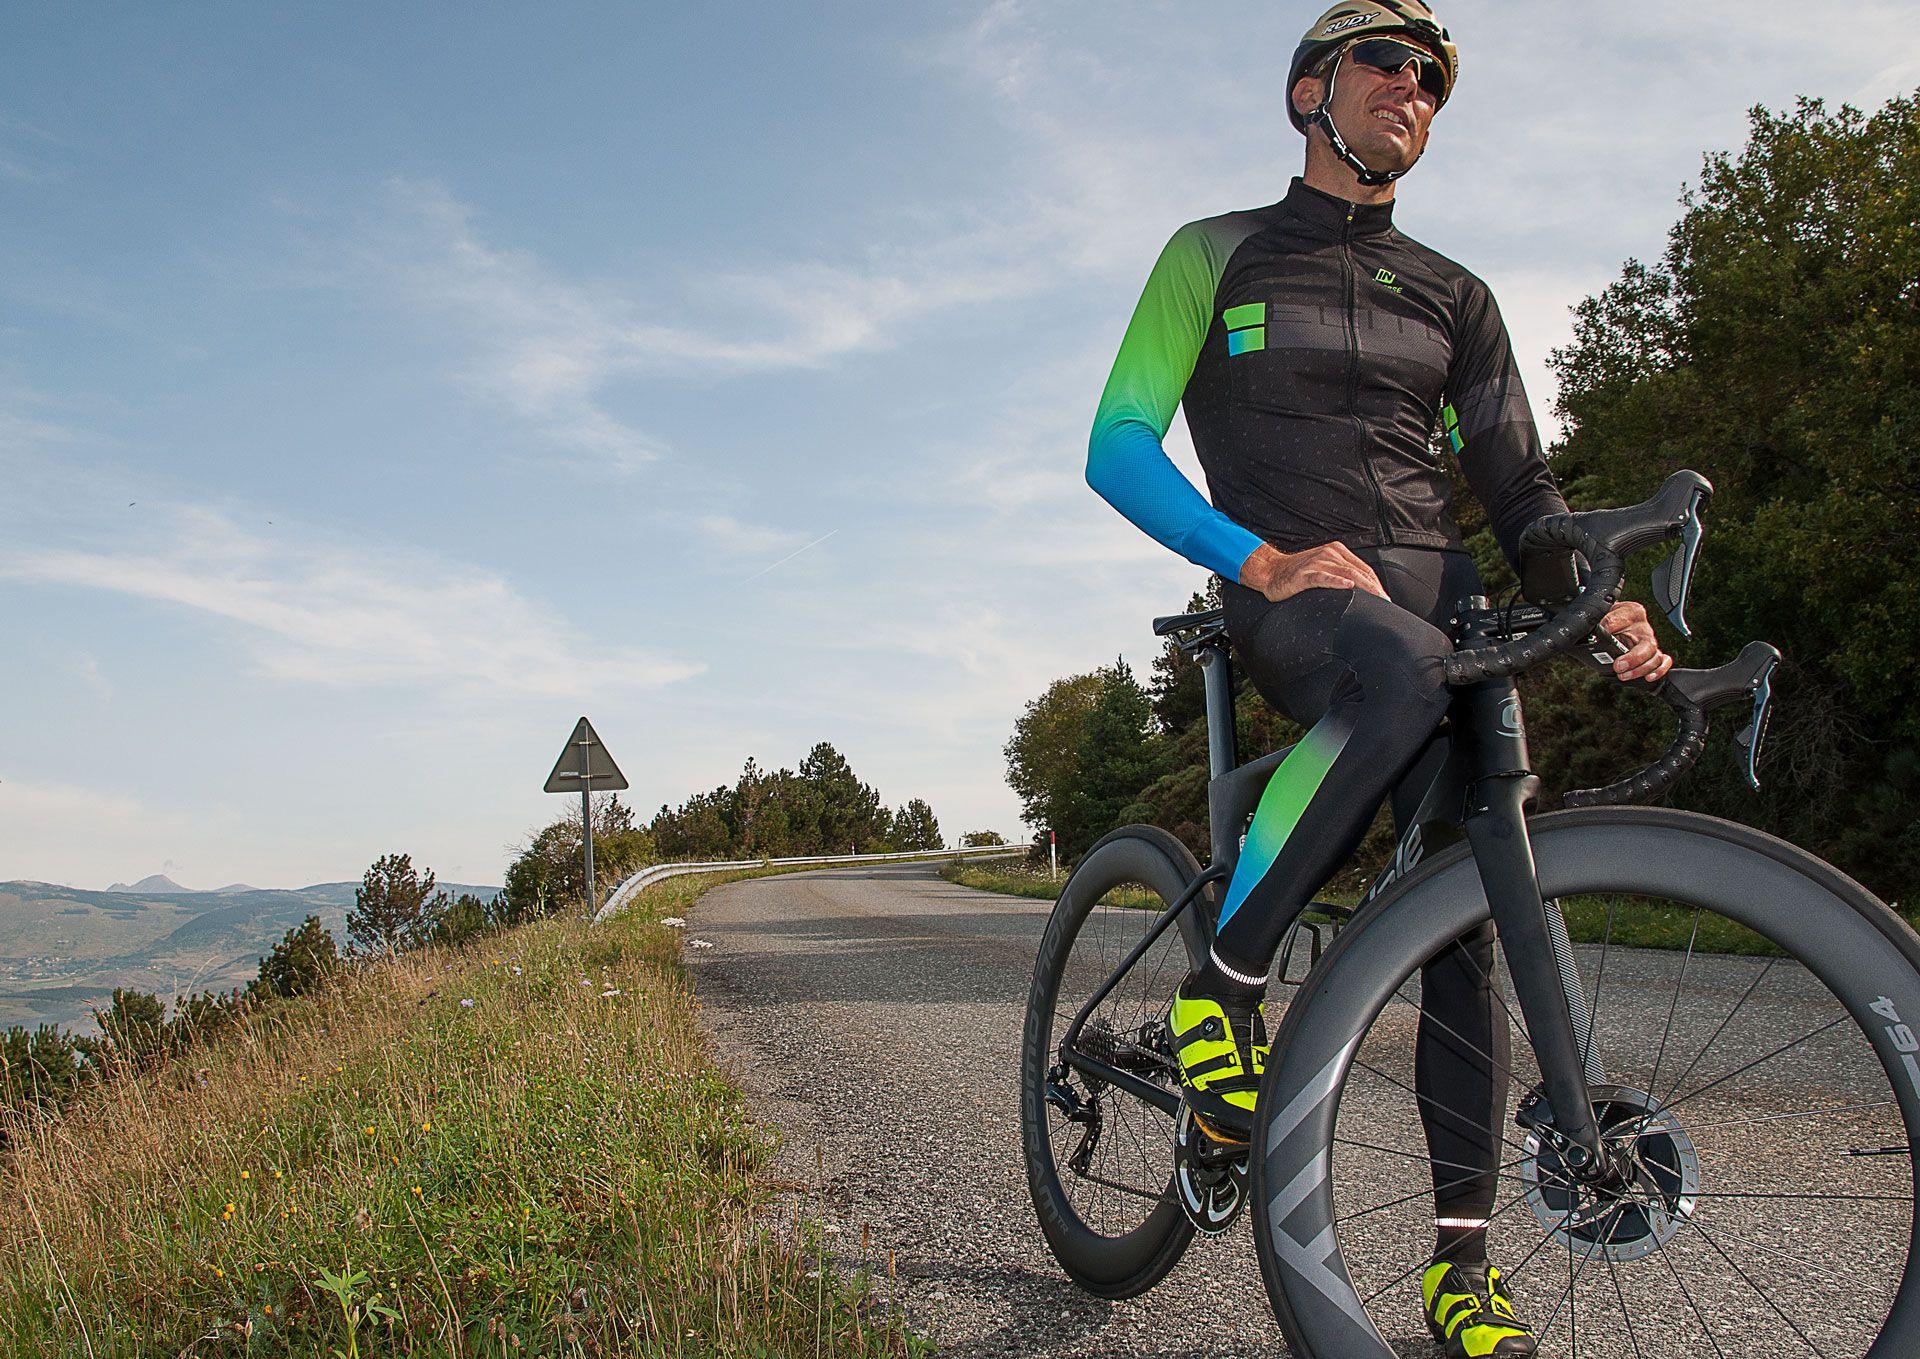 Inverse Lanza De Nuevo Una Nueva Oferta Irresistible De Ropa Personalizada Para Practicar El Ciclismo Durante Las épocas De Frío C Ciclismo Mangas Largas Ropa